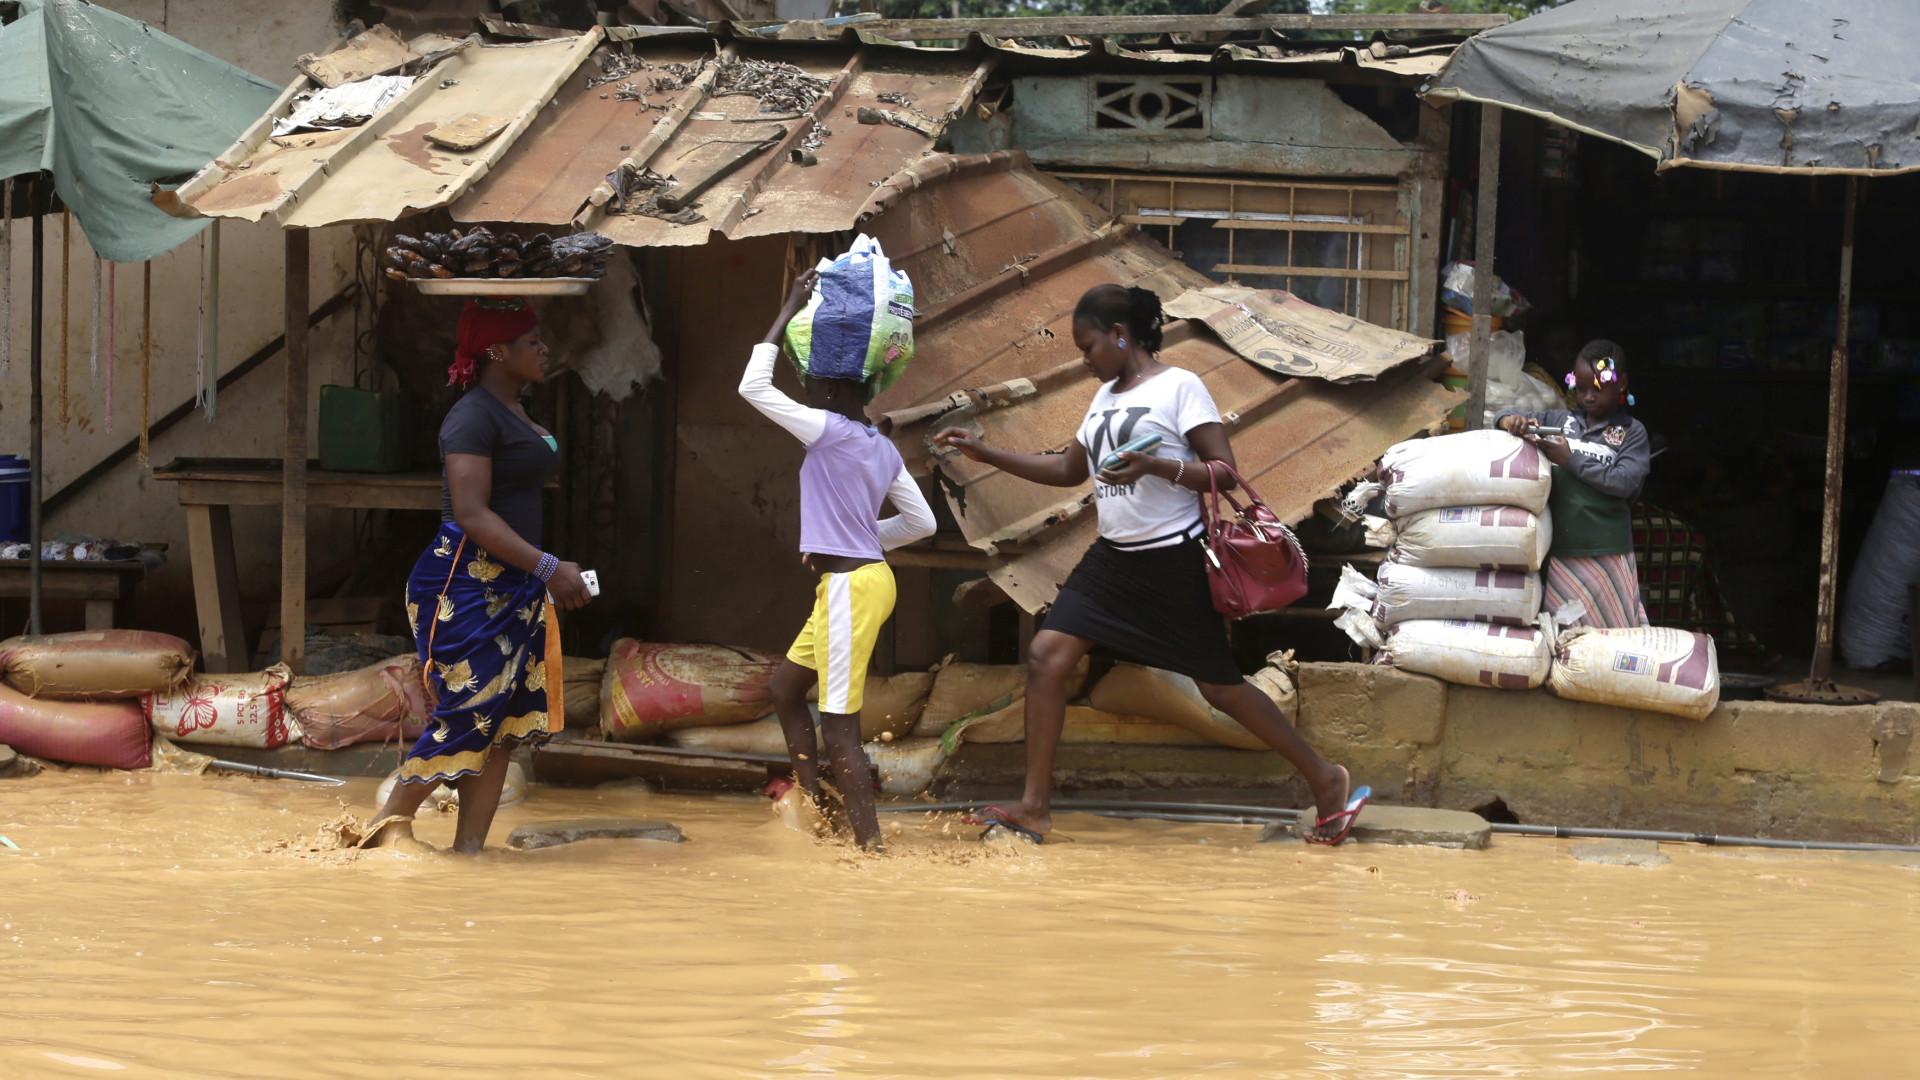 Maioria dos moçambicanos vive em zonas de risco de desastres naturais